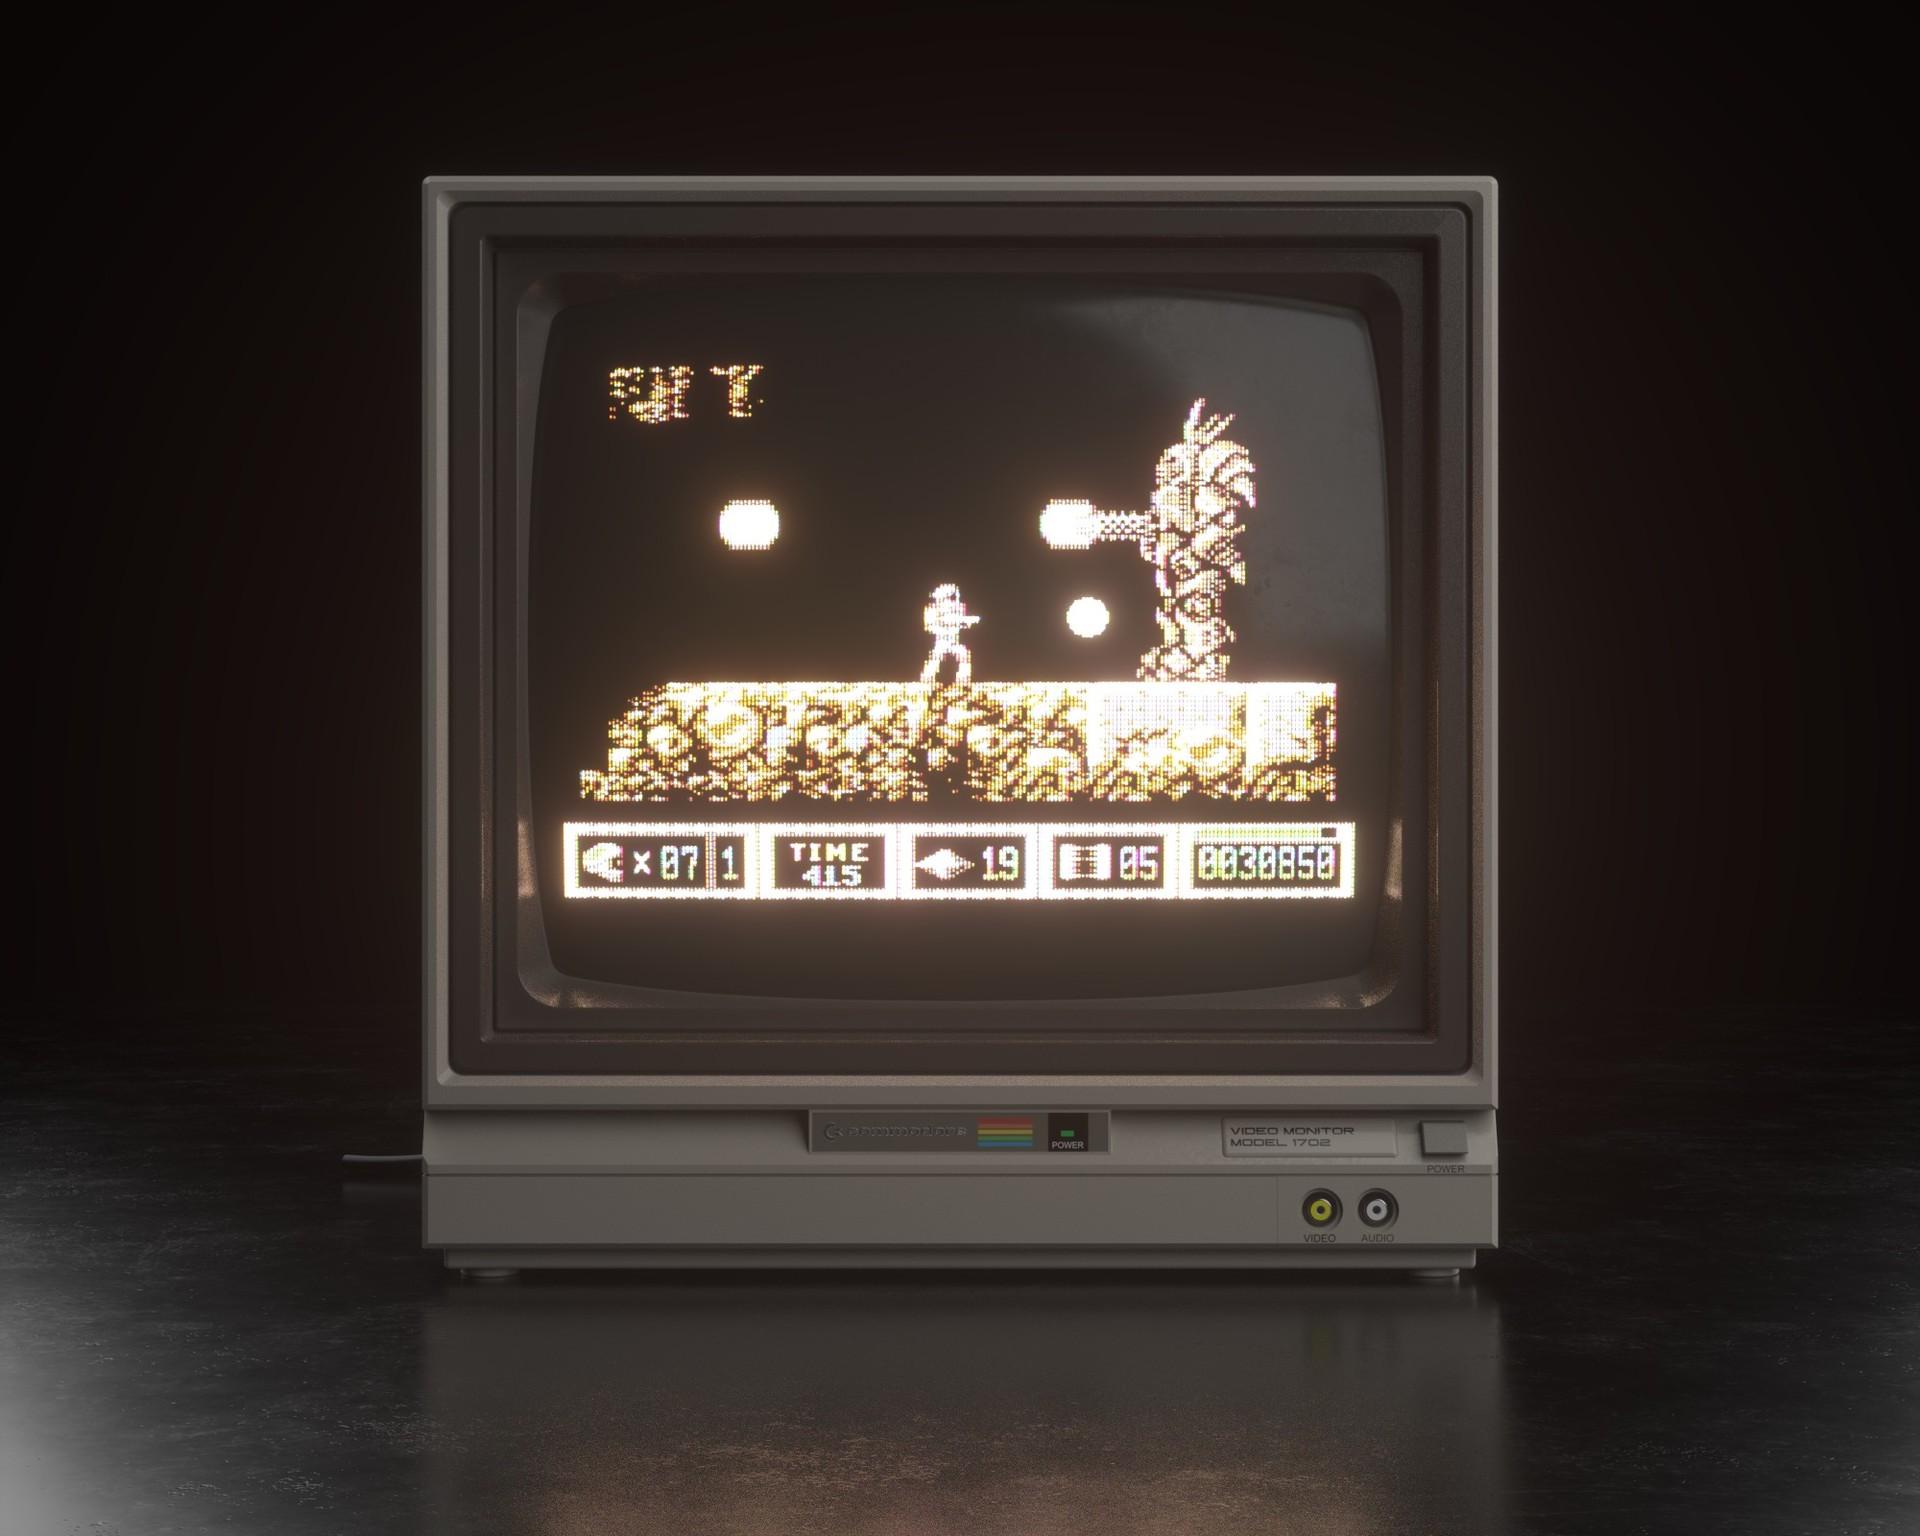 Cem tezcan c64 monitor 00001